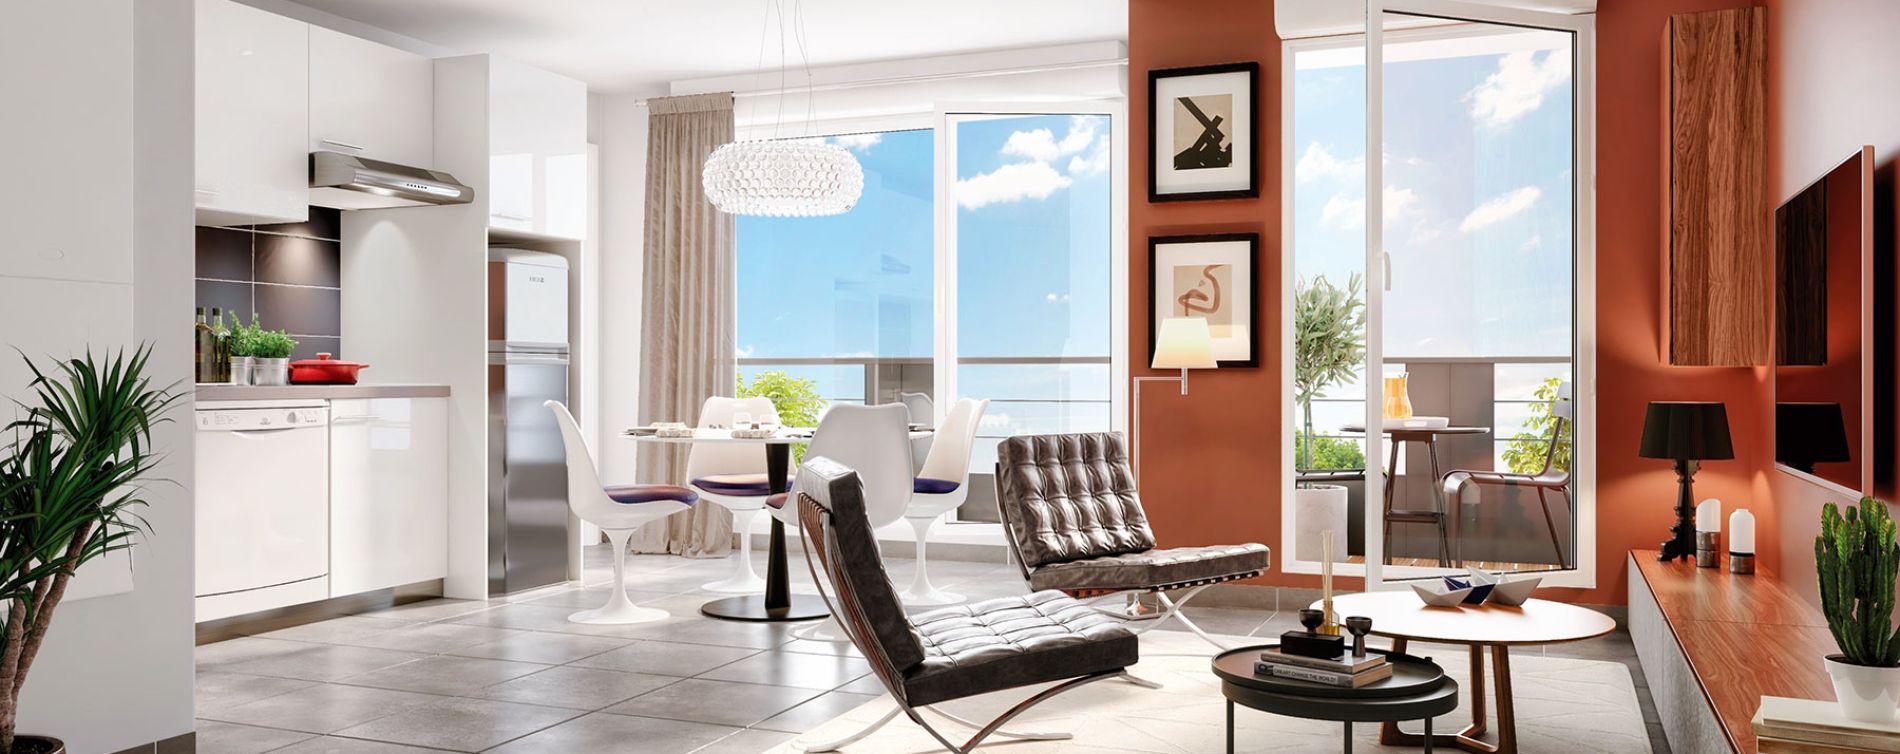 Savigny-sur-Orge : programme immobilier neuve « Le Fantasio » (3)